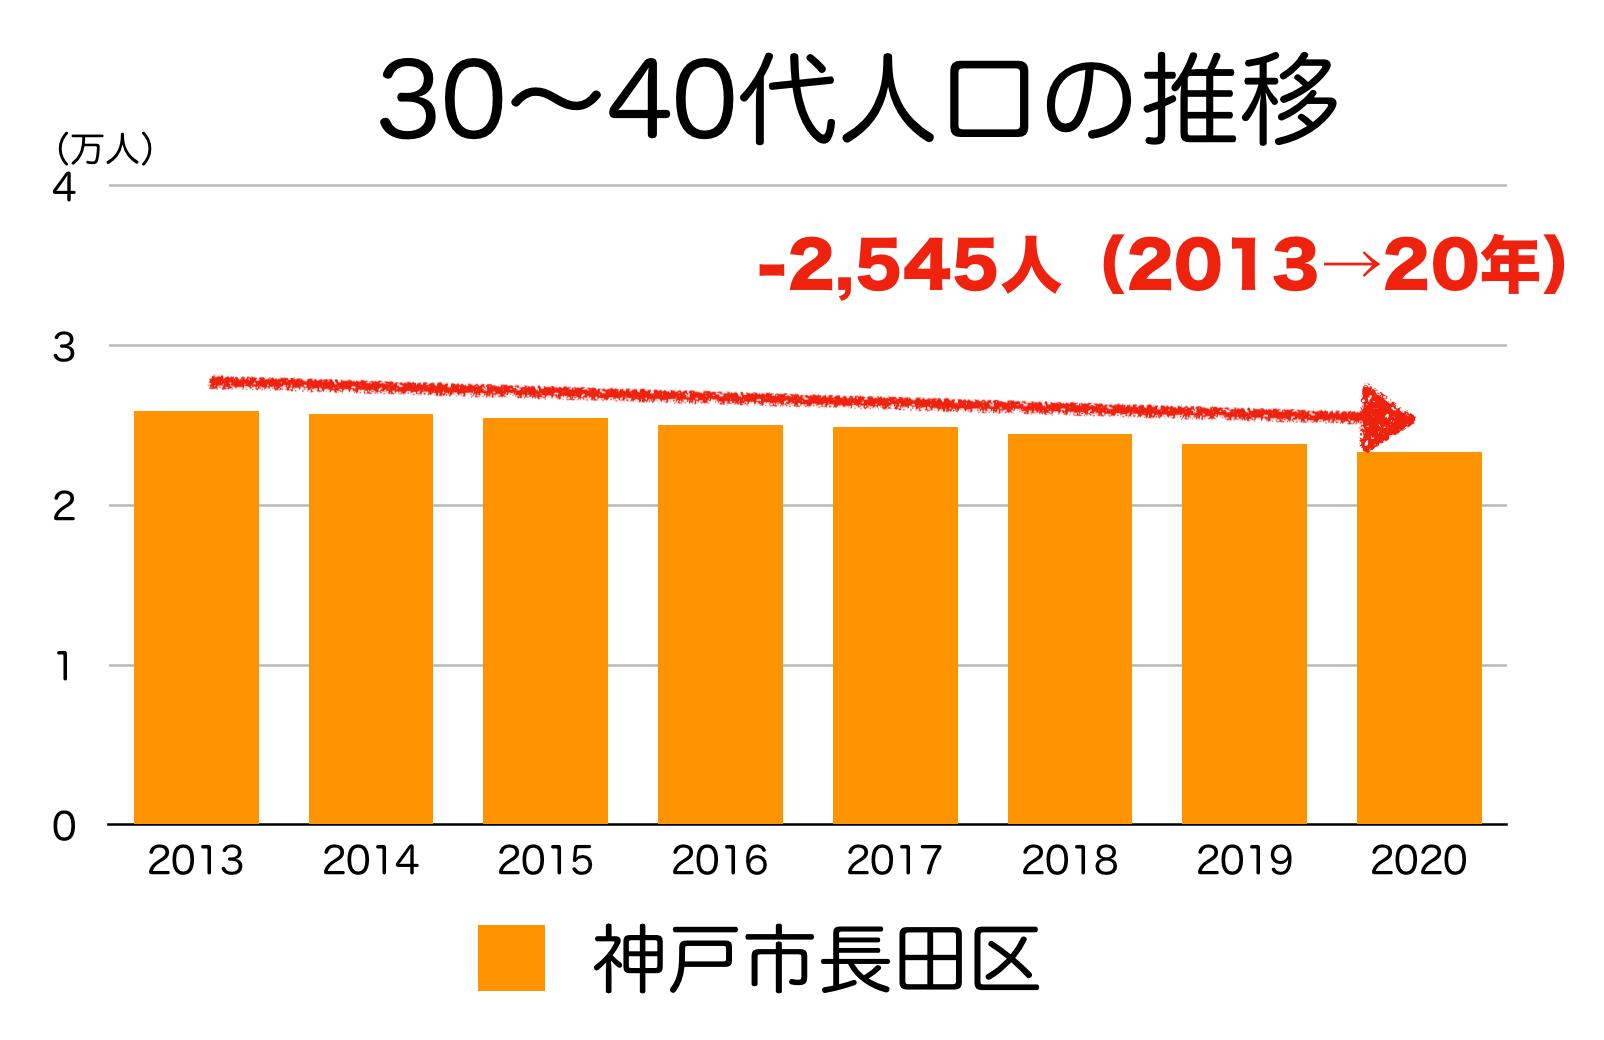 神戸市長田区の30〜40代人口の推移